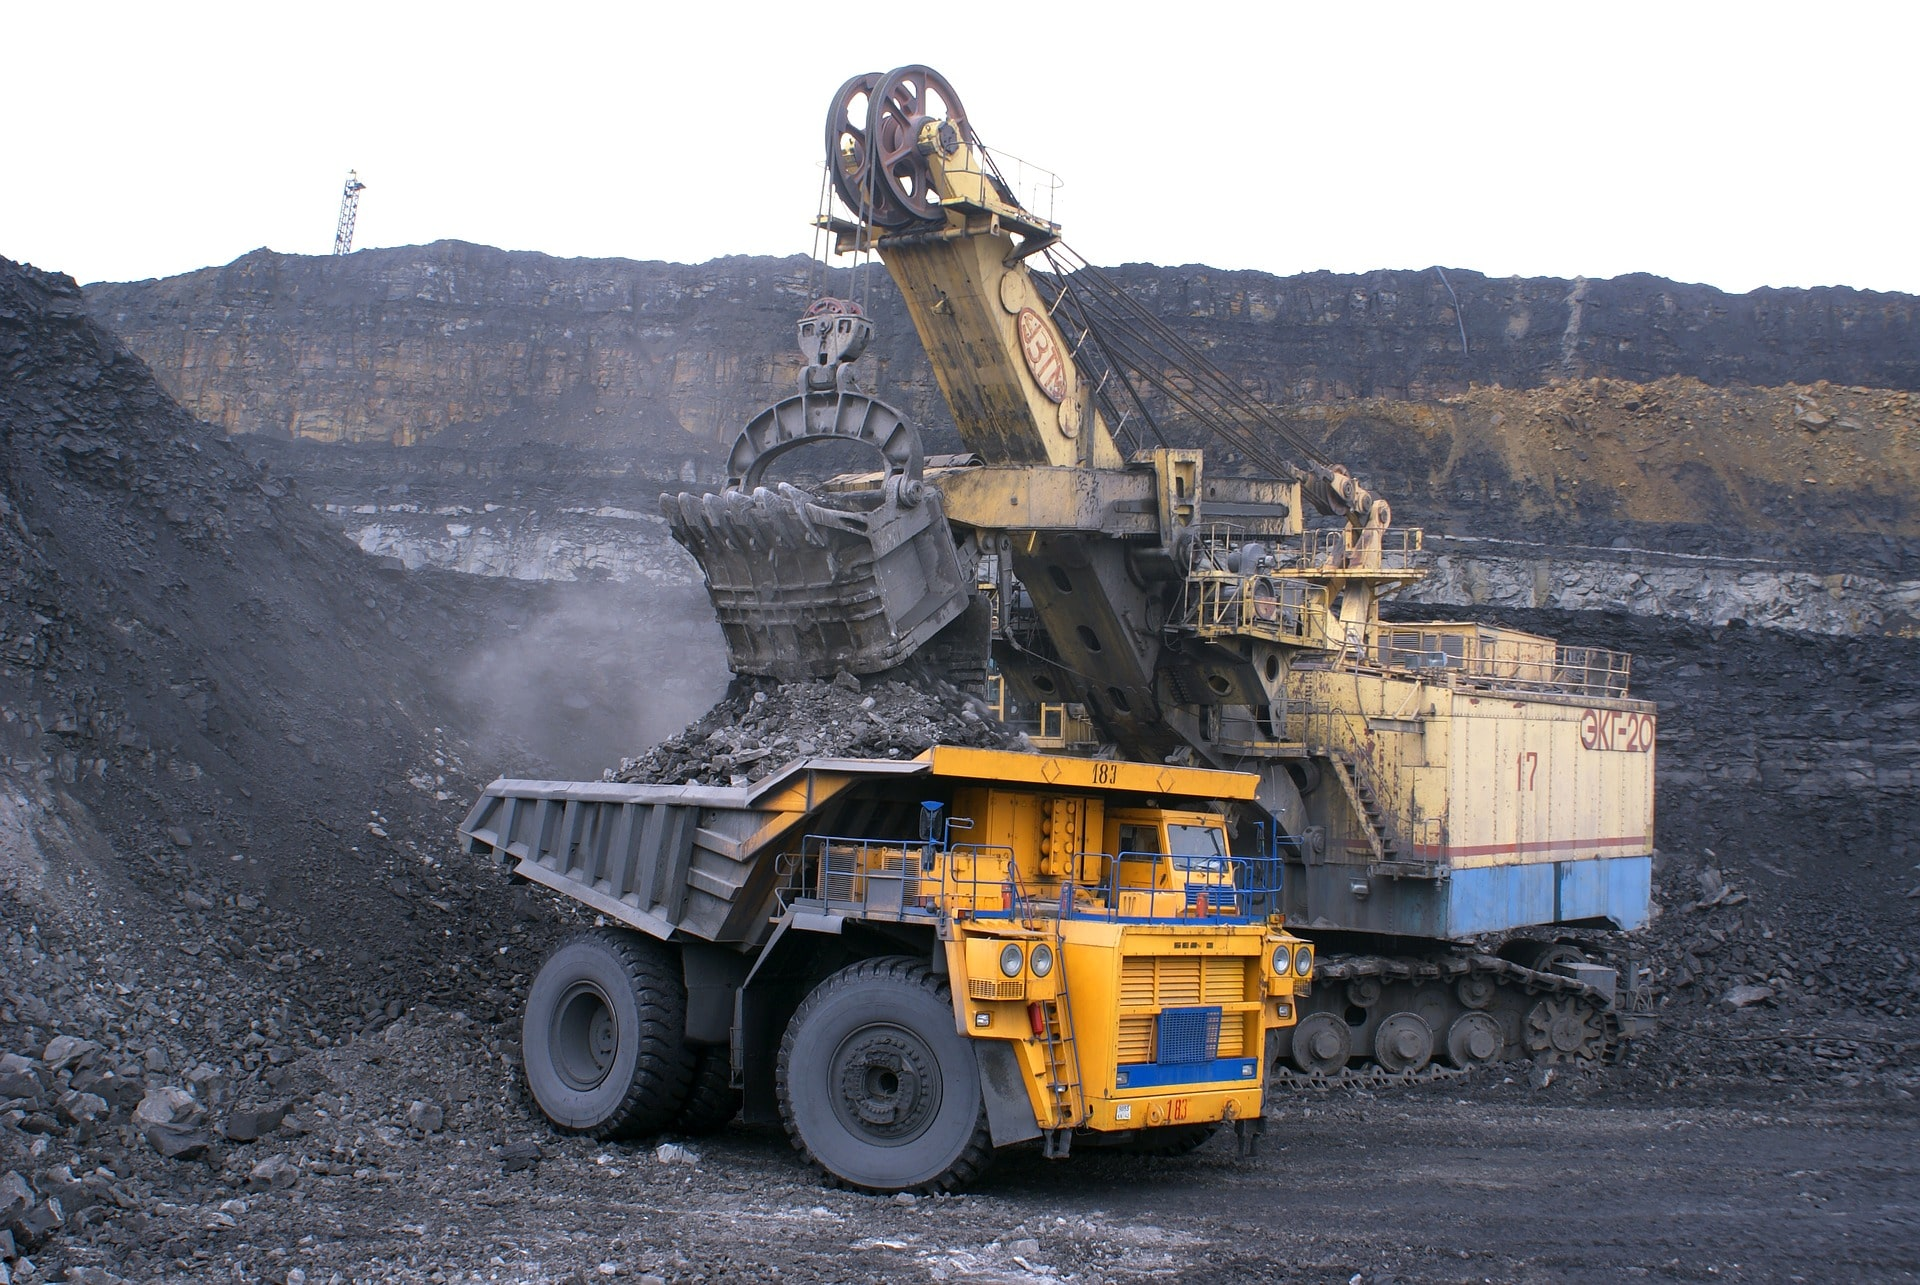 На Mining World Russia 2021 эксперт «КАДФЕМ Си-Ай-Эс» расскажет о способах повышения эффективности работы горнодобывающего оборудования